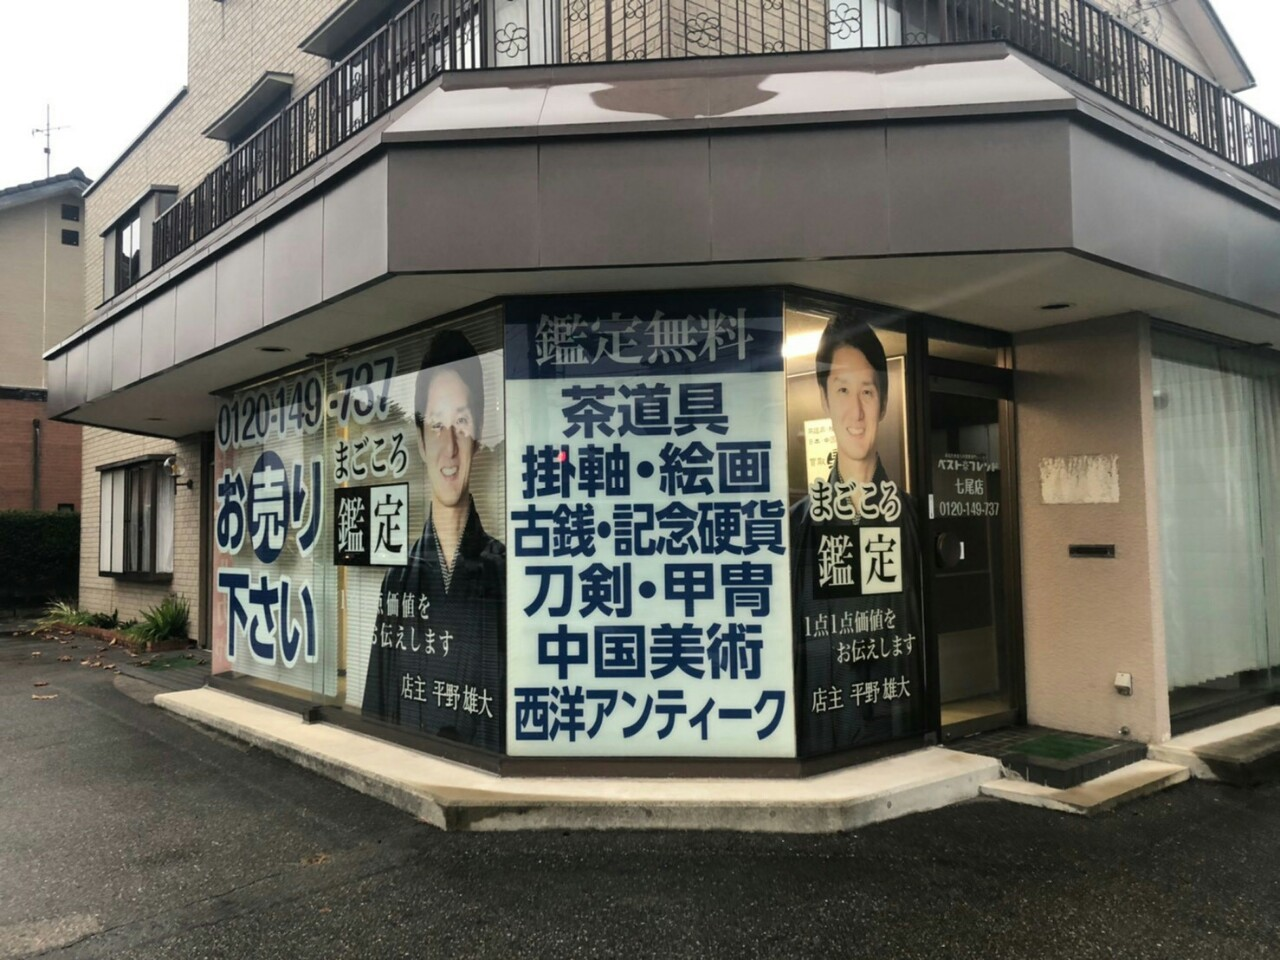 ベストフレンド古美術昇華堂七尾店店舗写真2